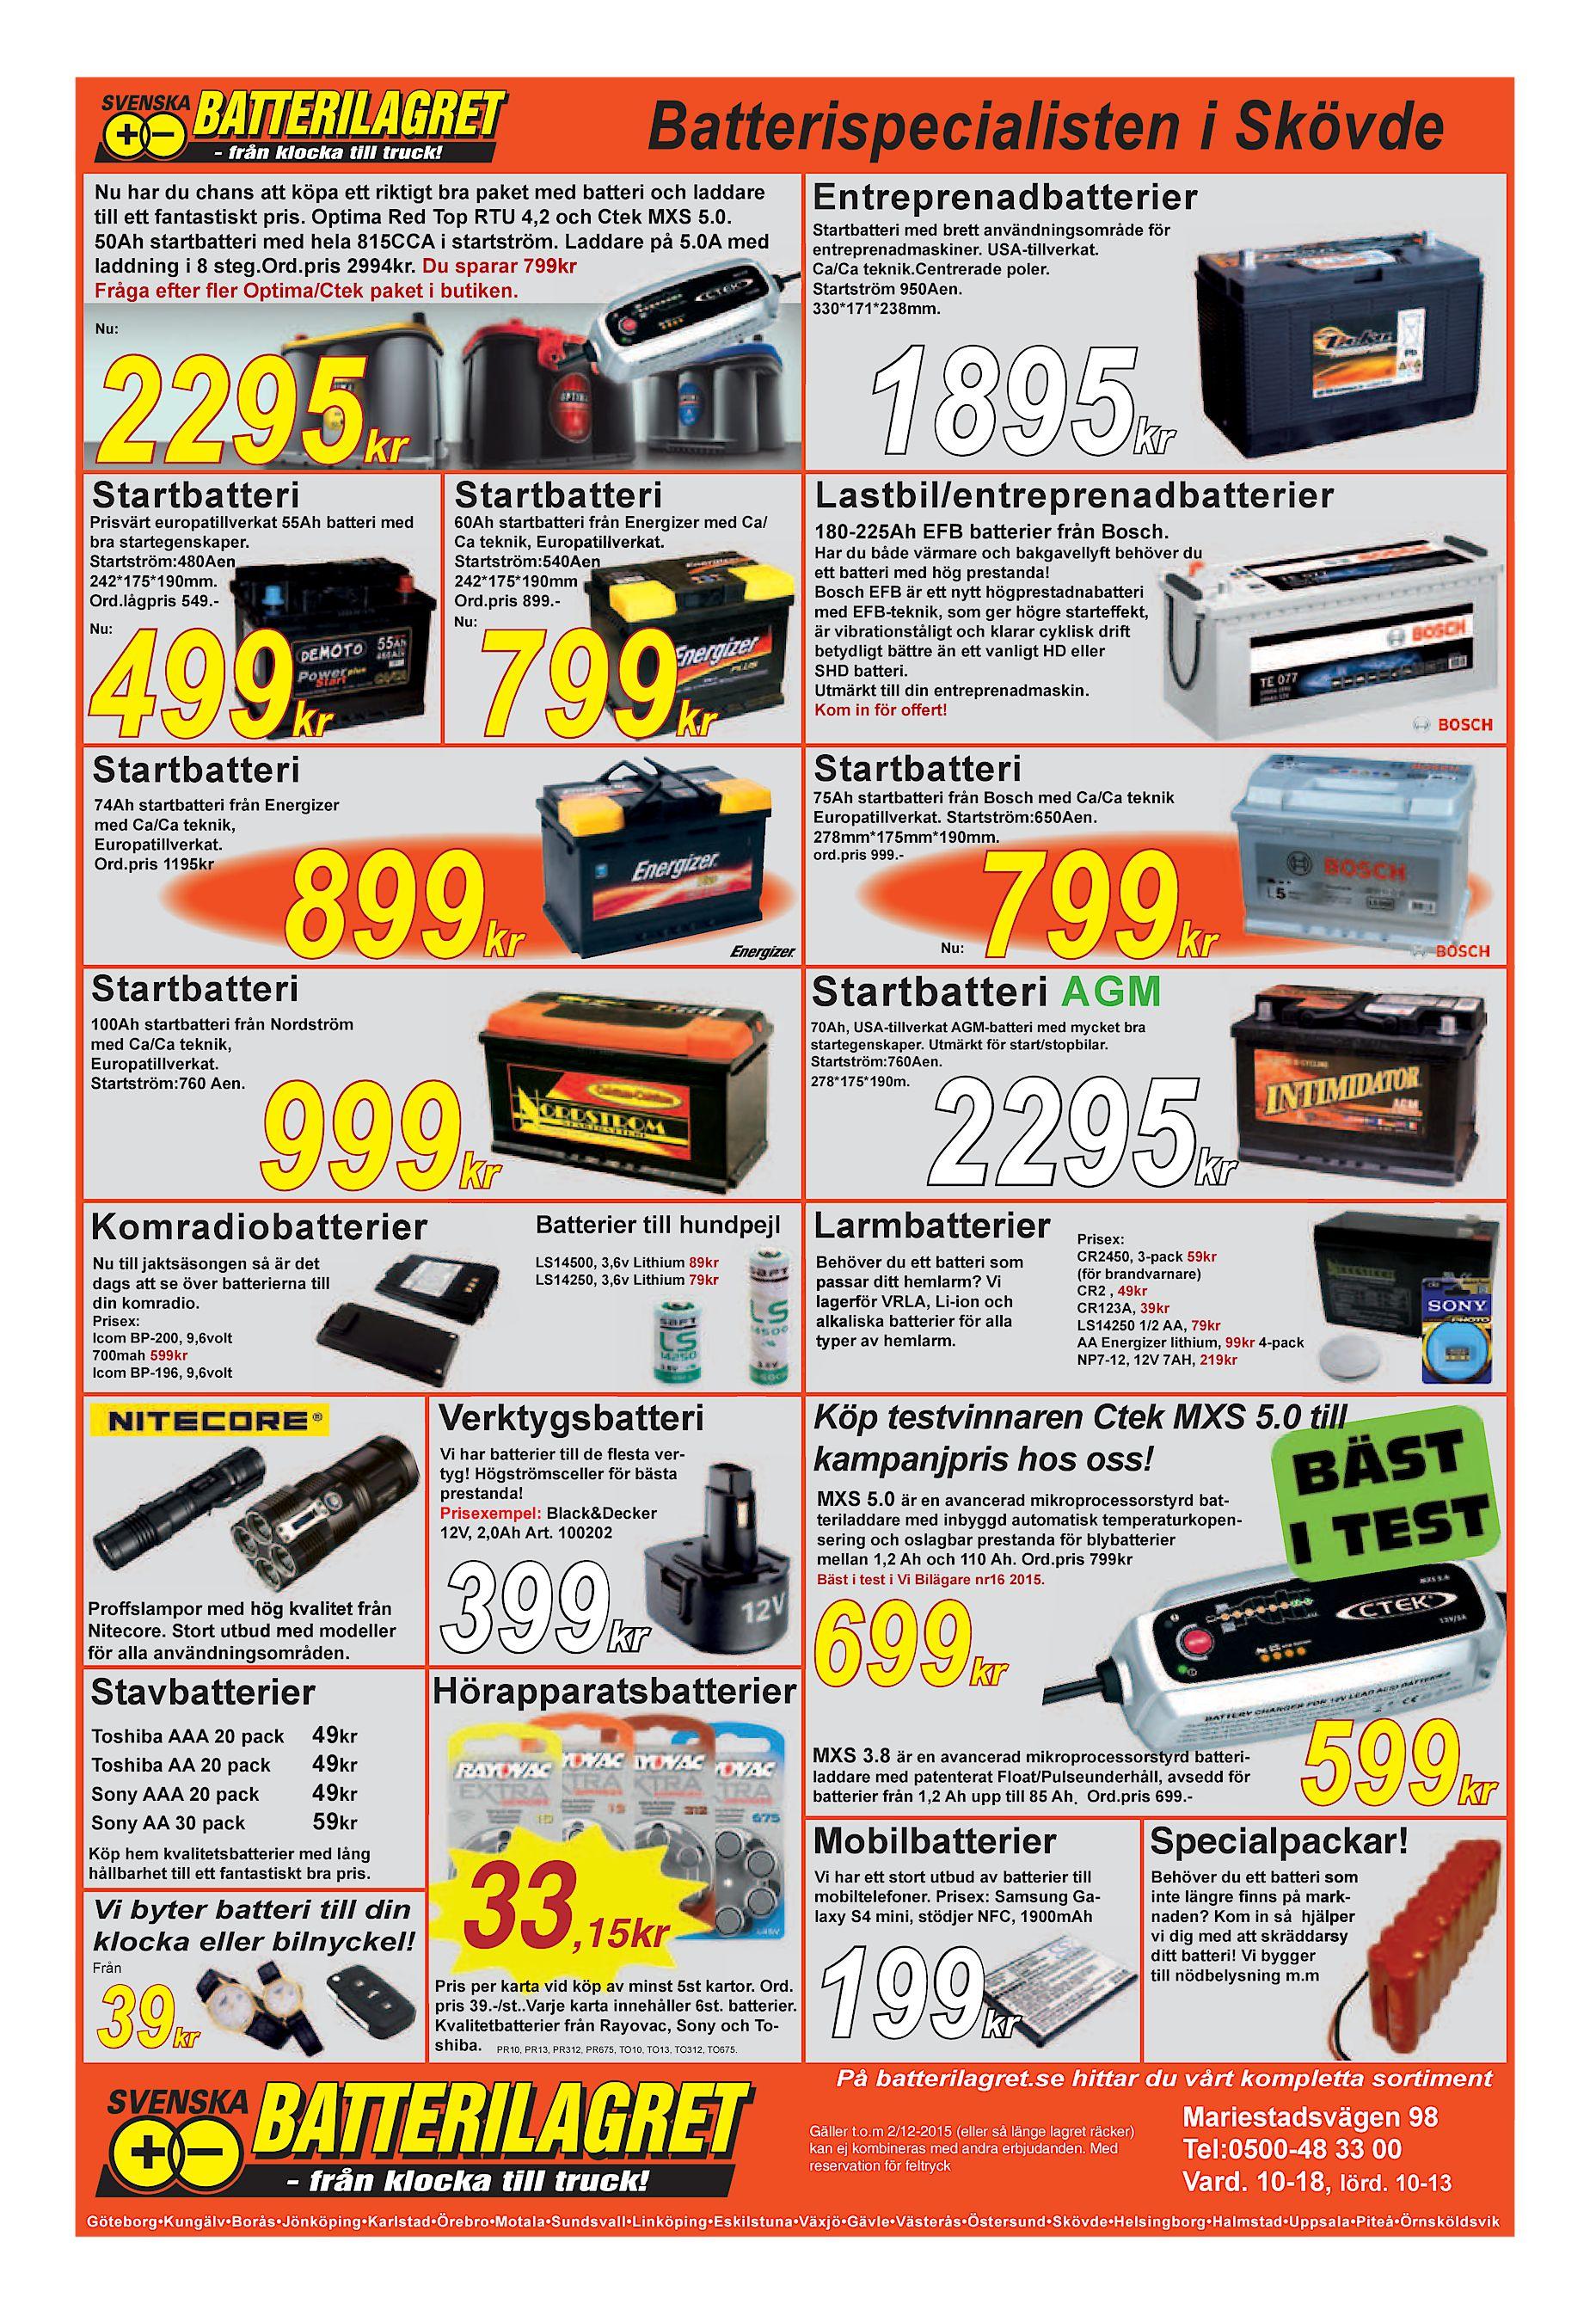 Batterispecialisten i Skövde Nu har du chans att köpa ett riktigt bra paket  med batteri och laddare till ett fantastiskt pris. Optima Red Top RTU 4 0efb6480b97e4